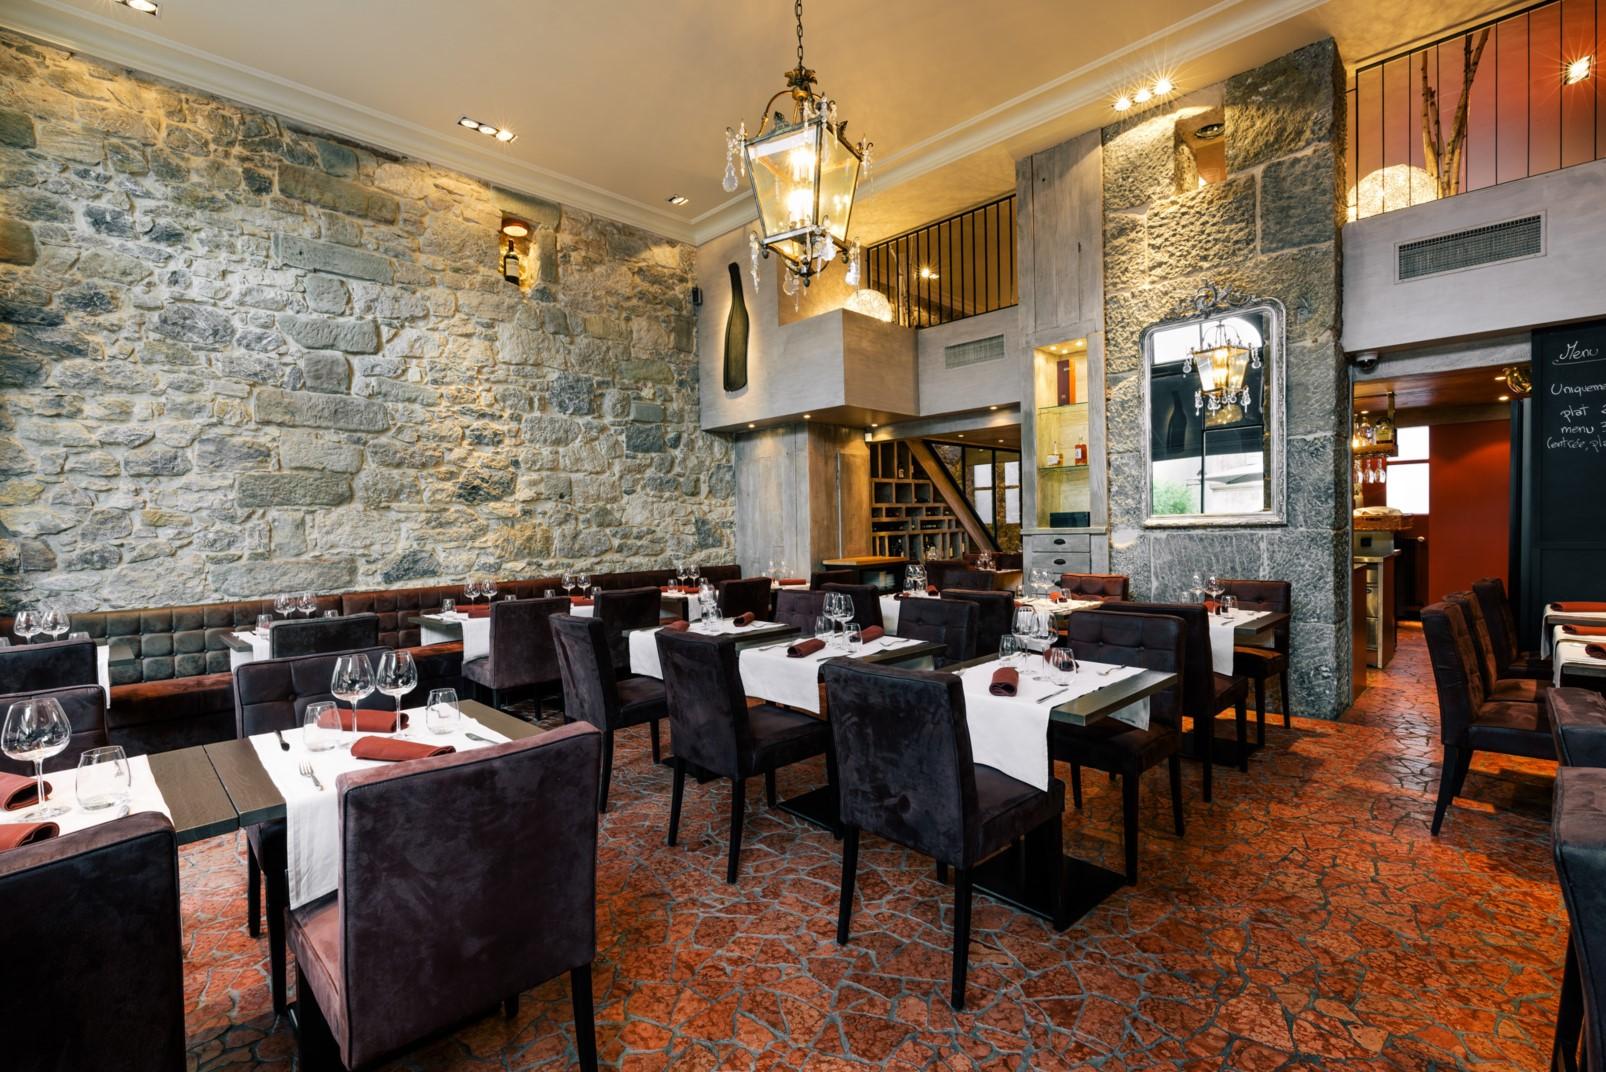 Le Flacon restaurant